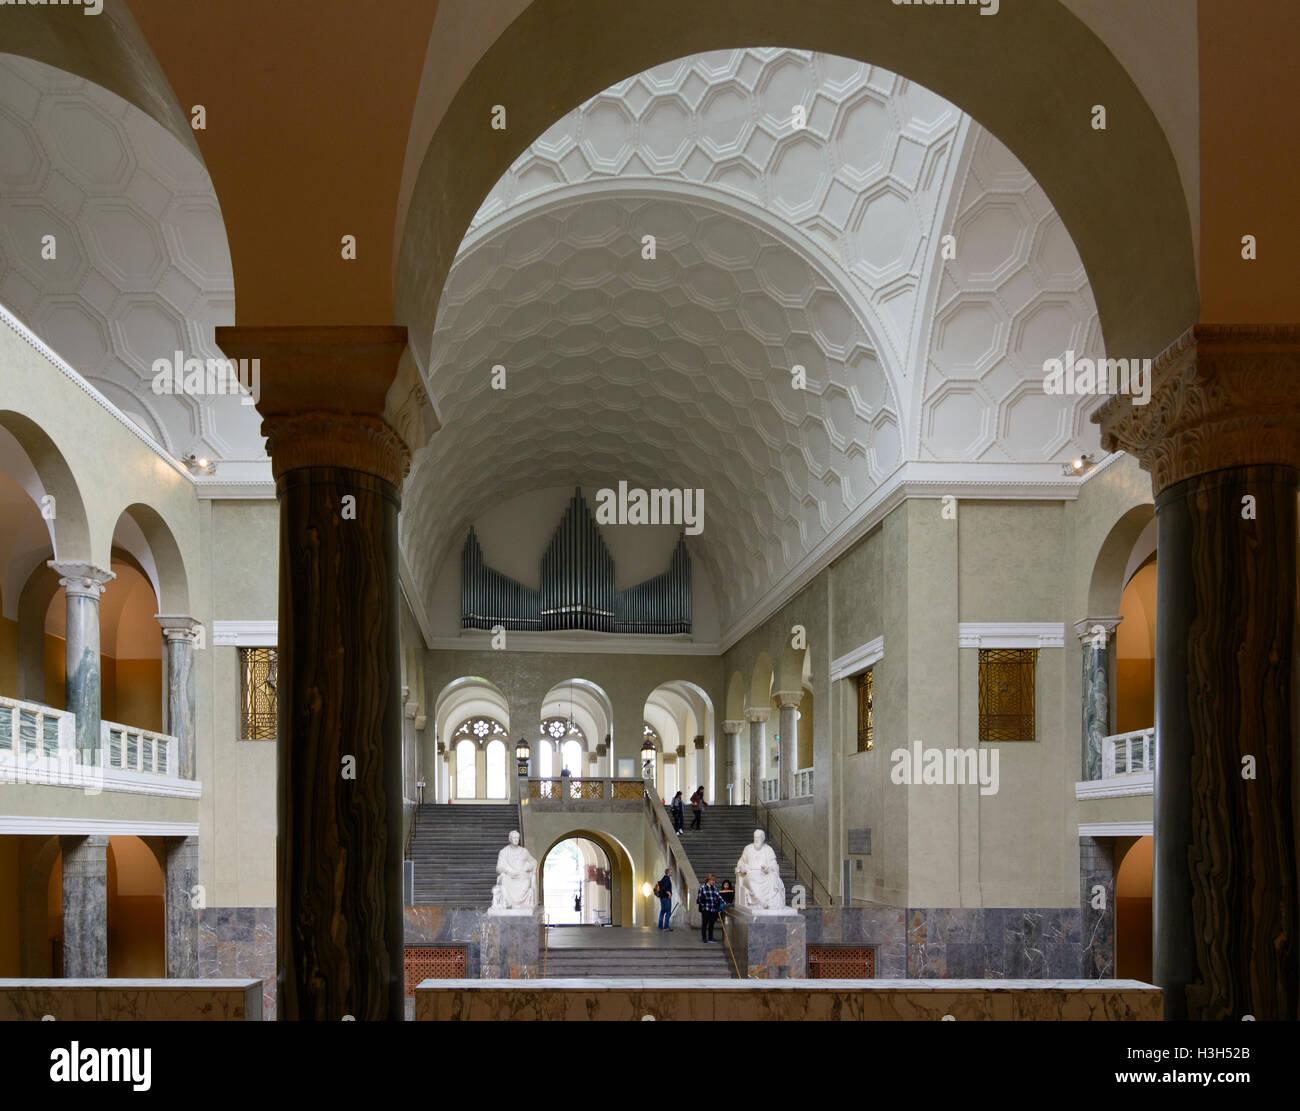 München, Munich: Ludwig-Maximilians-Universität (University), stairwell, Oberbayern, Upper Bavaria, Bayern, - Stock Image